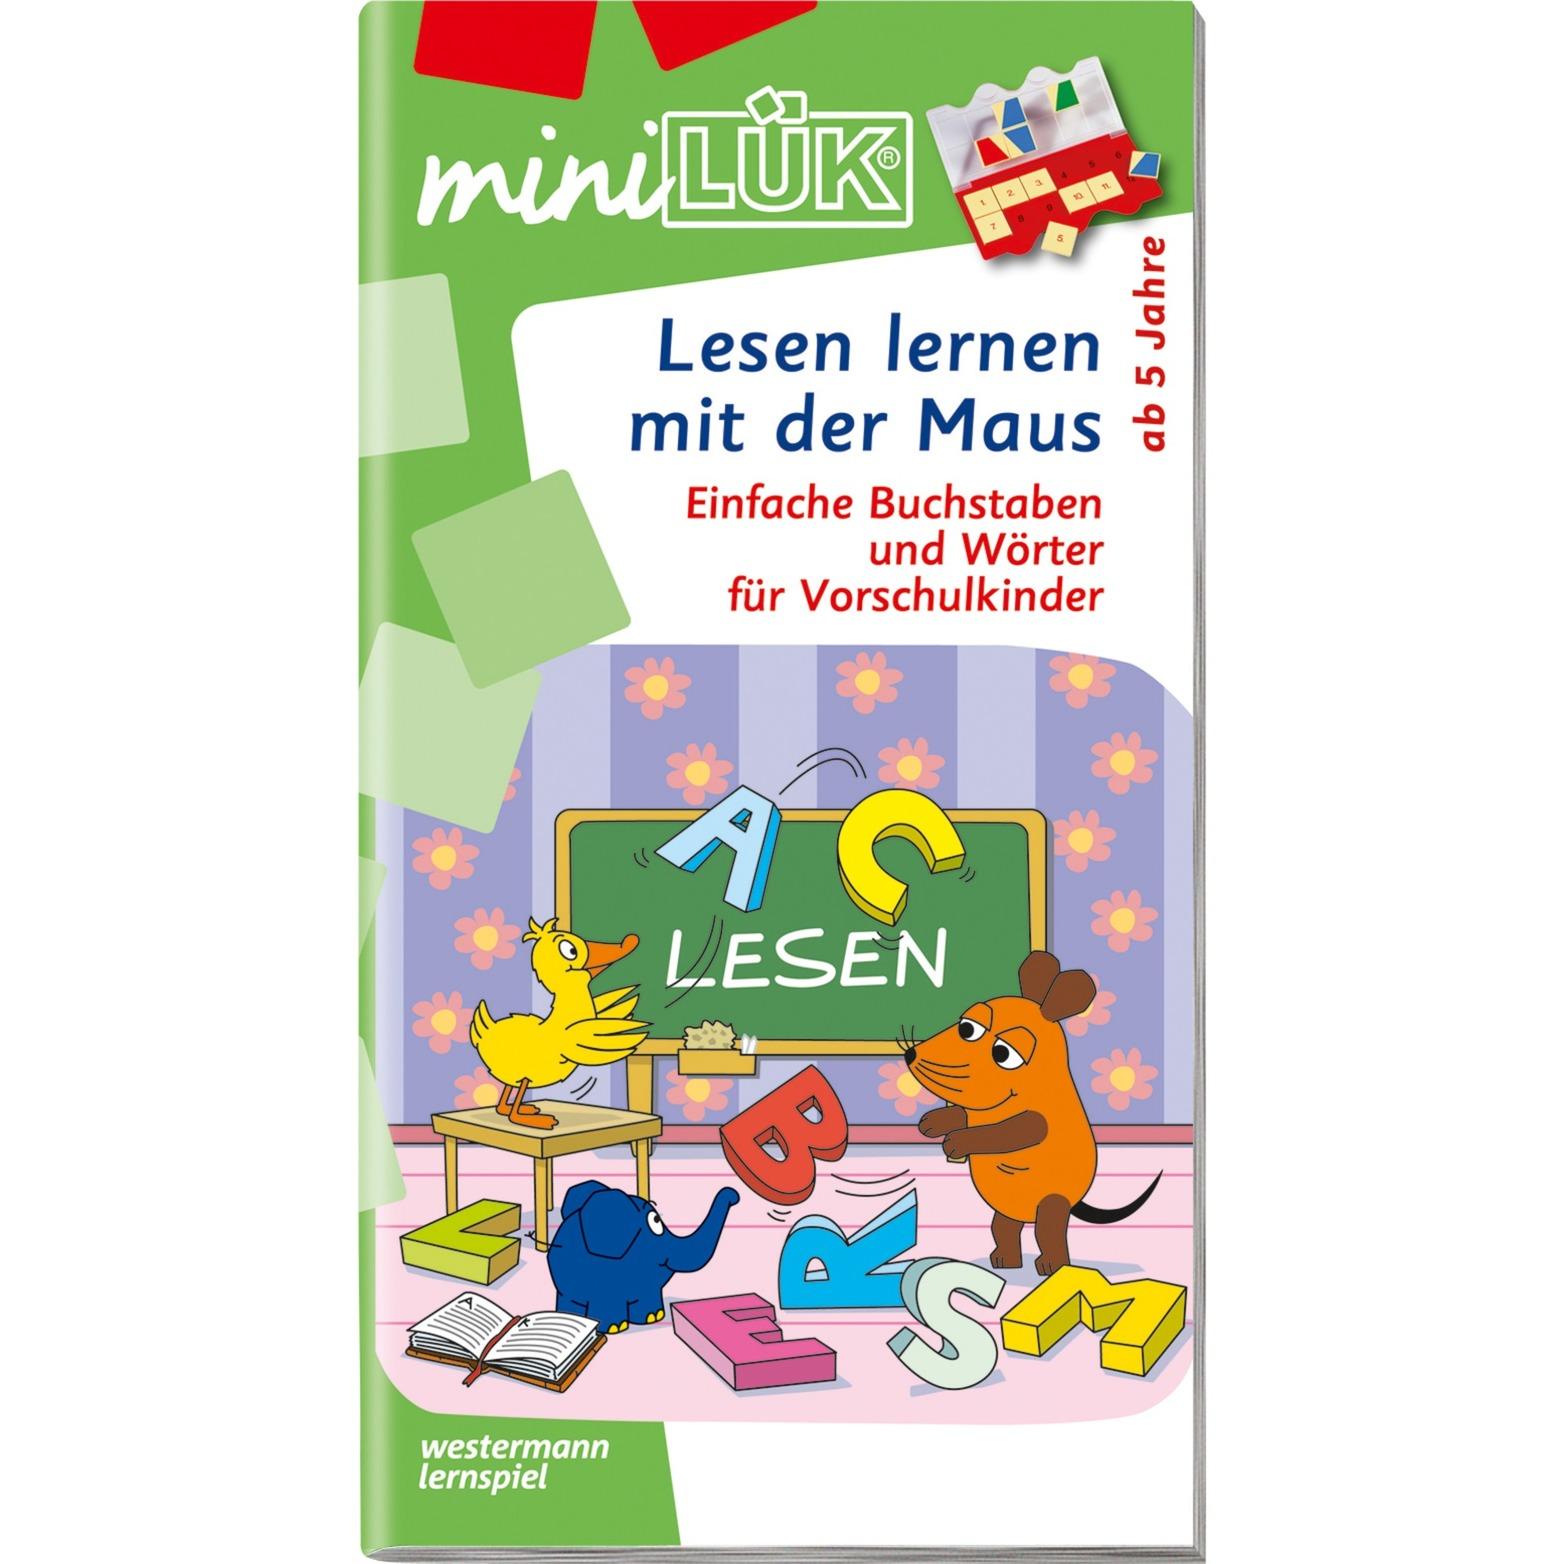 WESTERMANN miniLÜK-Heft: Lesen lernen mit der Maus, Lernbuch